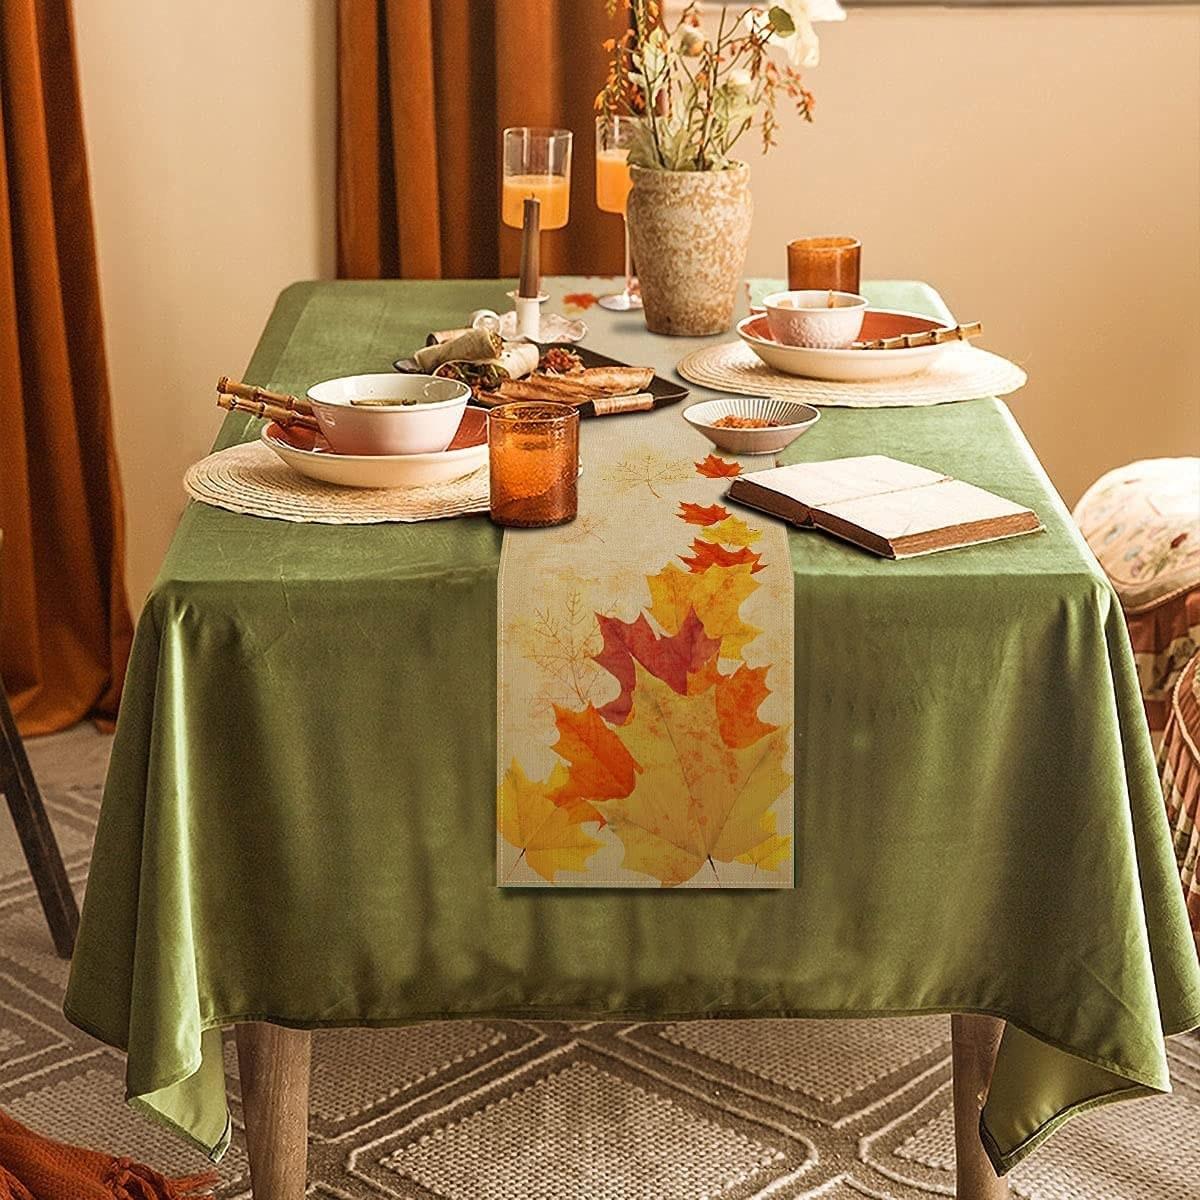 Camino de mesa con detalles otoñales